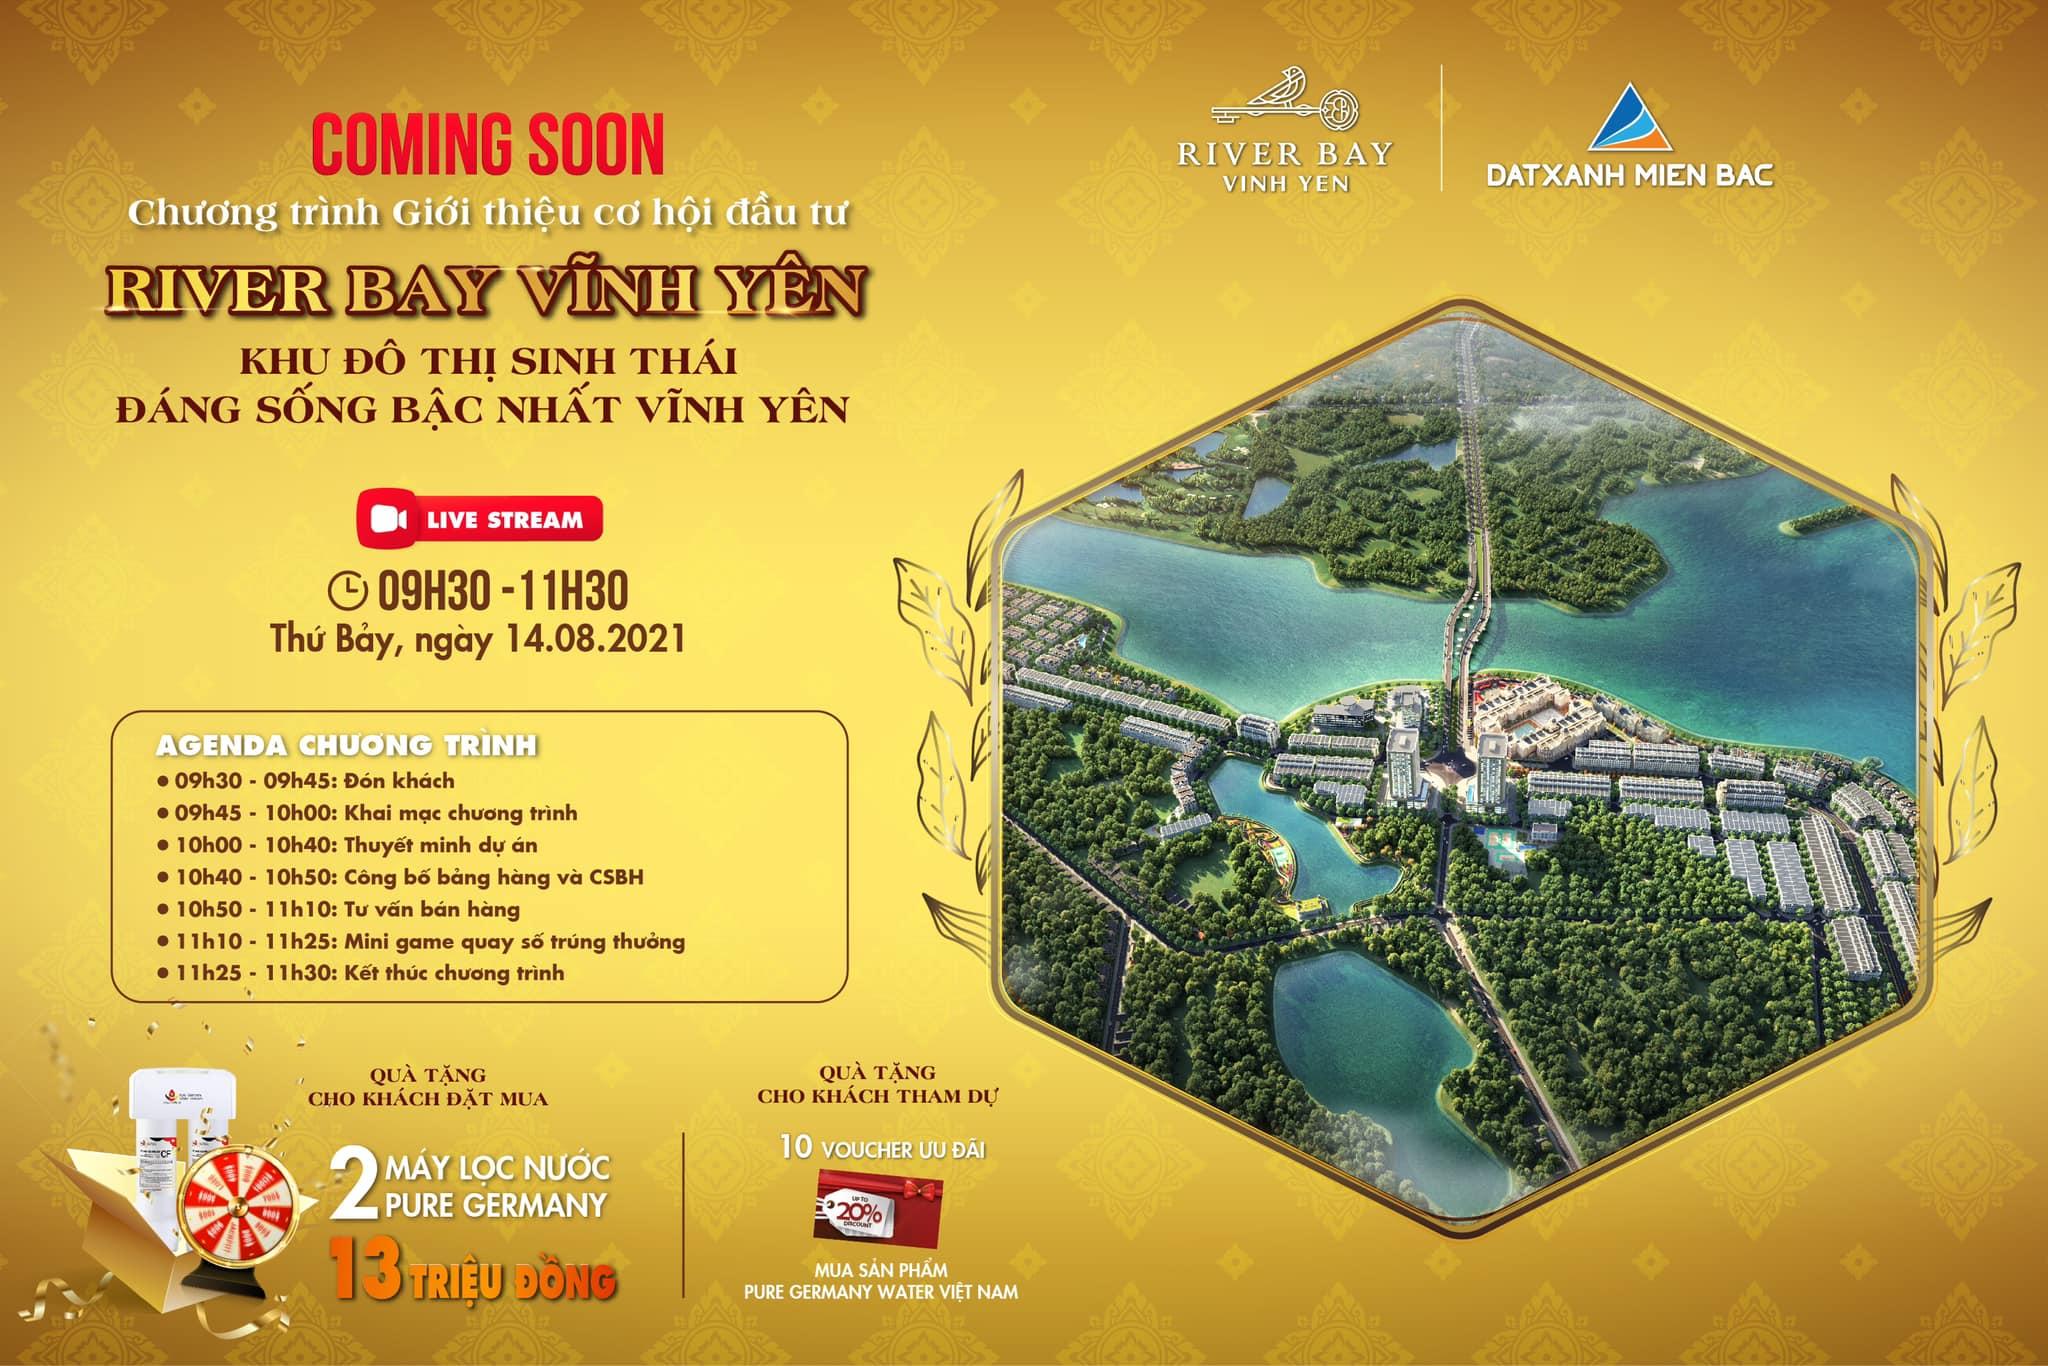 Lịch mở bán online 9 giờ 30 ngày Thứ Bảy 14/8/2021 Dự án River Bay Vĩnh Yên Bắc Đầm Vạc